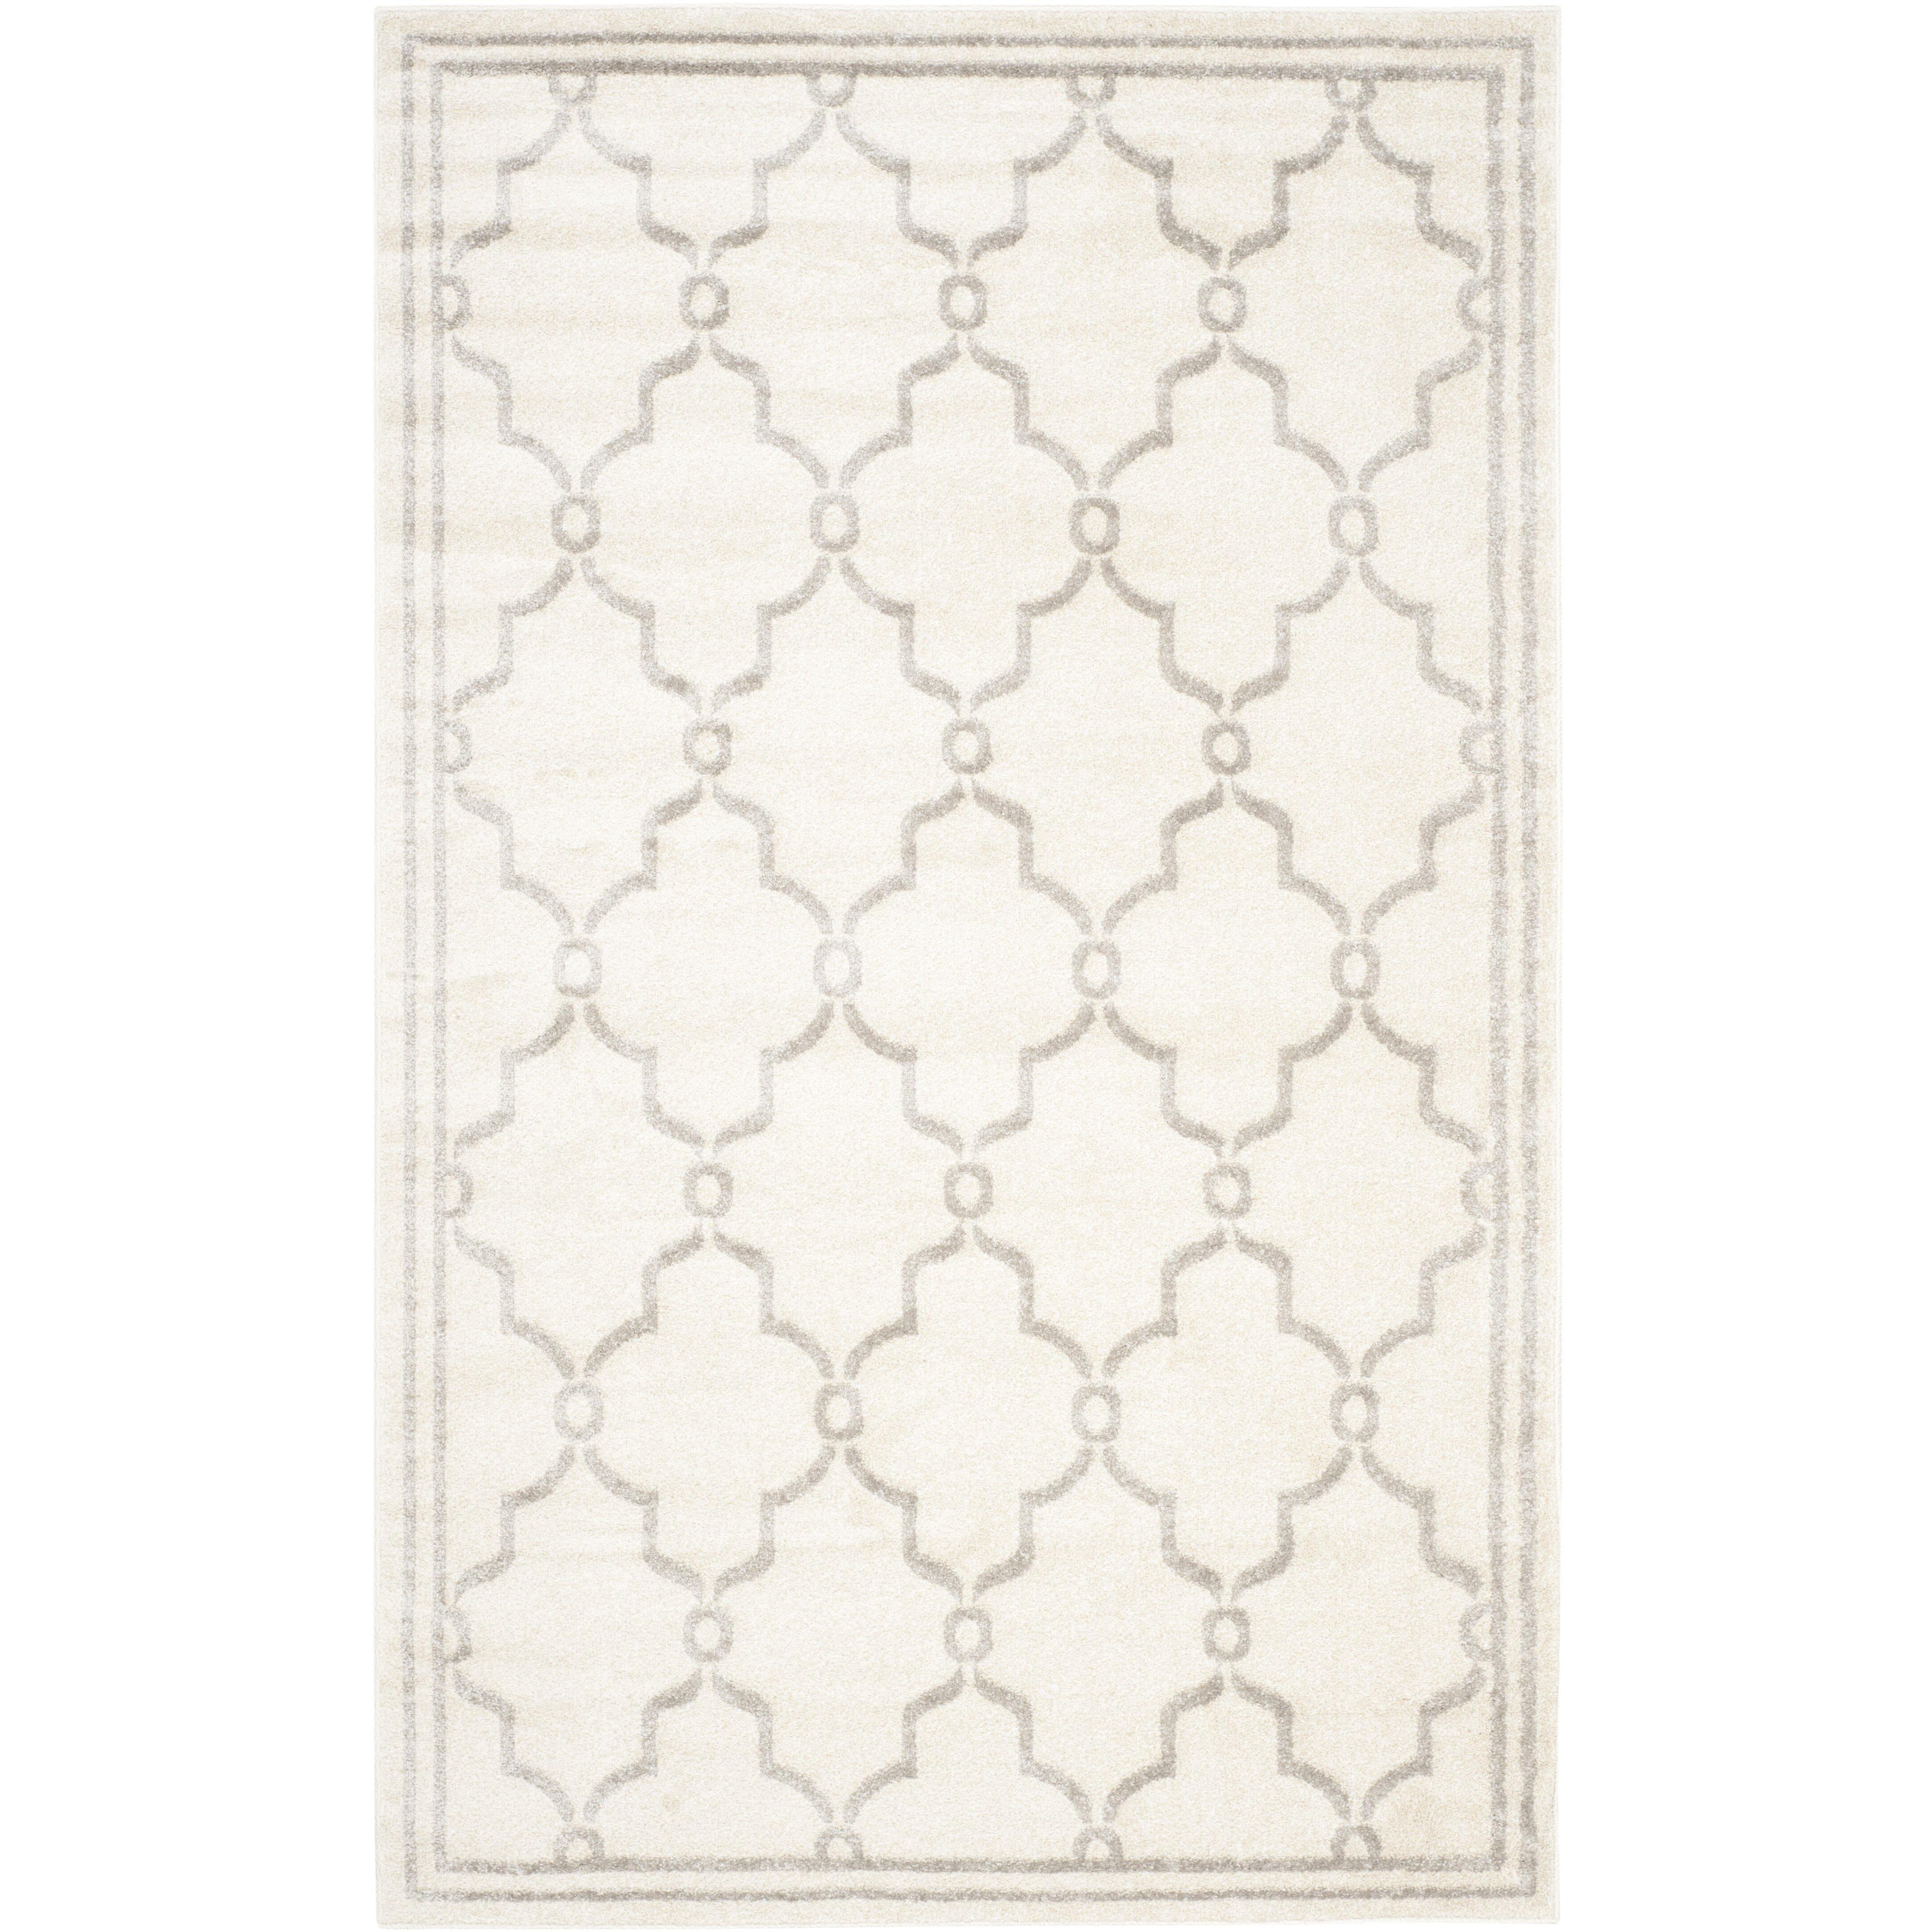 Safavieh emerson ivory indoor outdoor area rug reviews for Indoor outdoor rugs uk